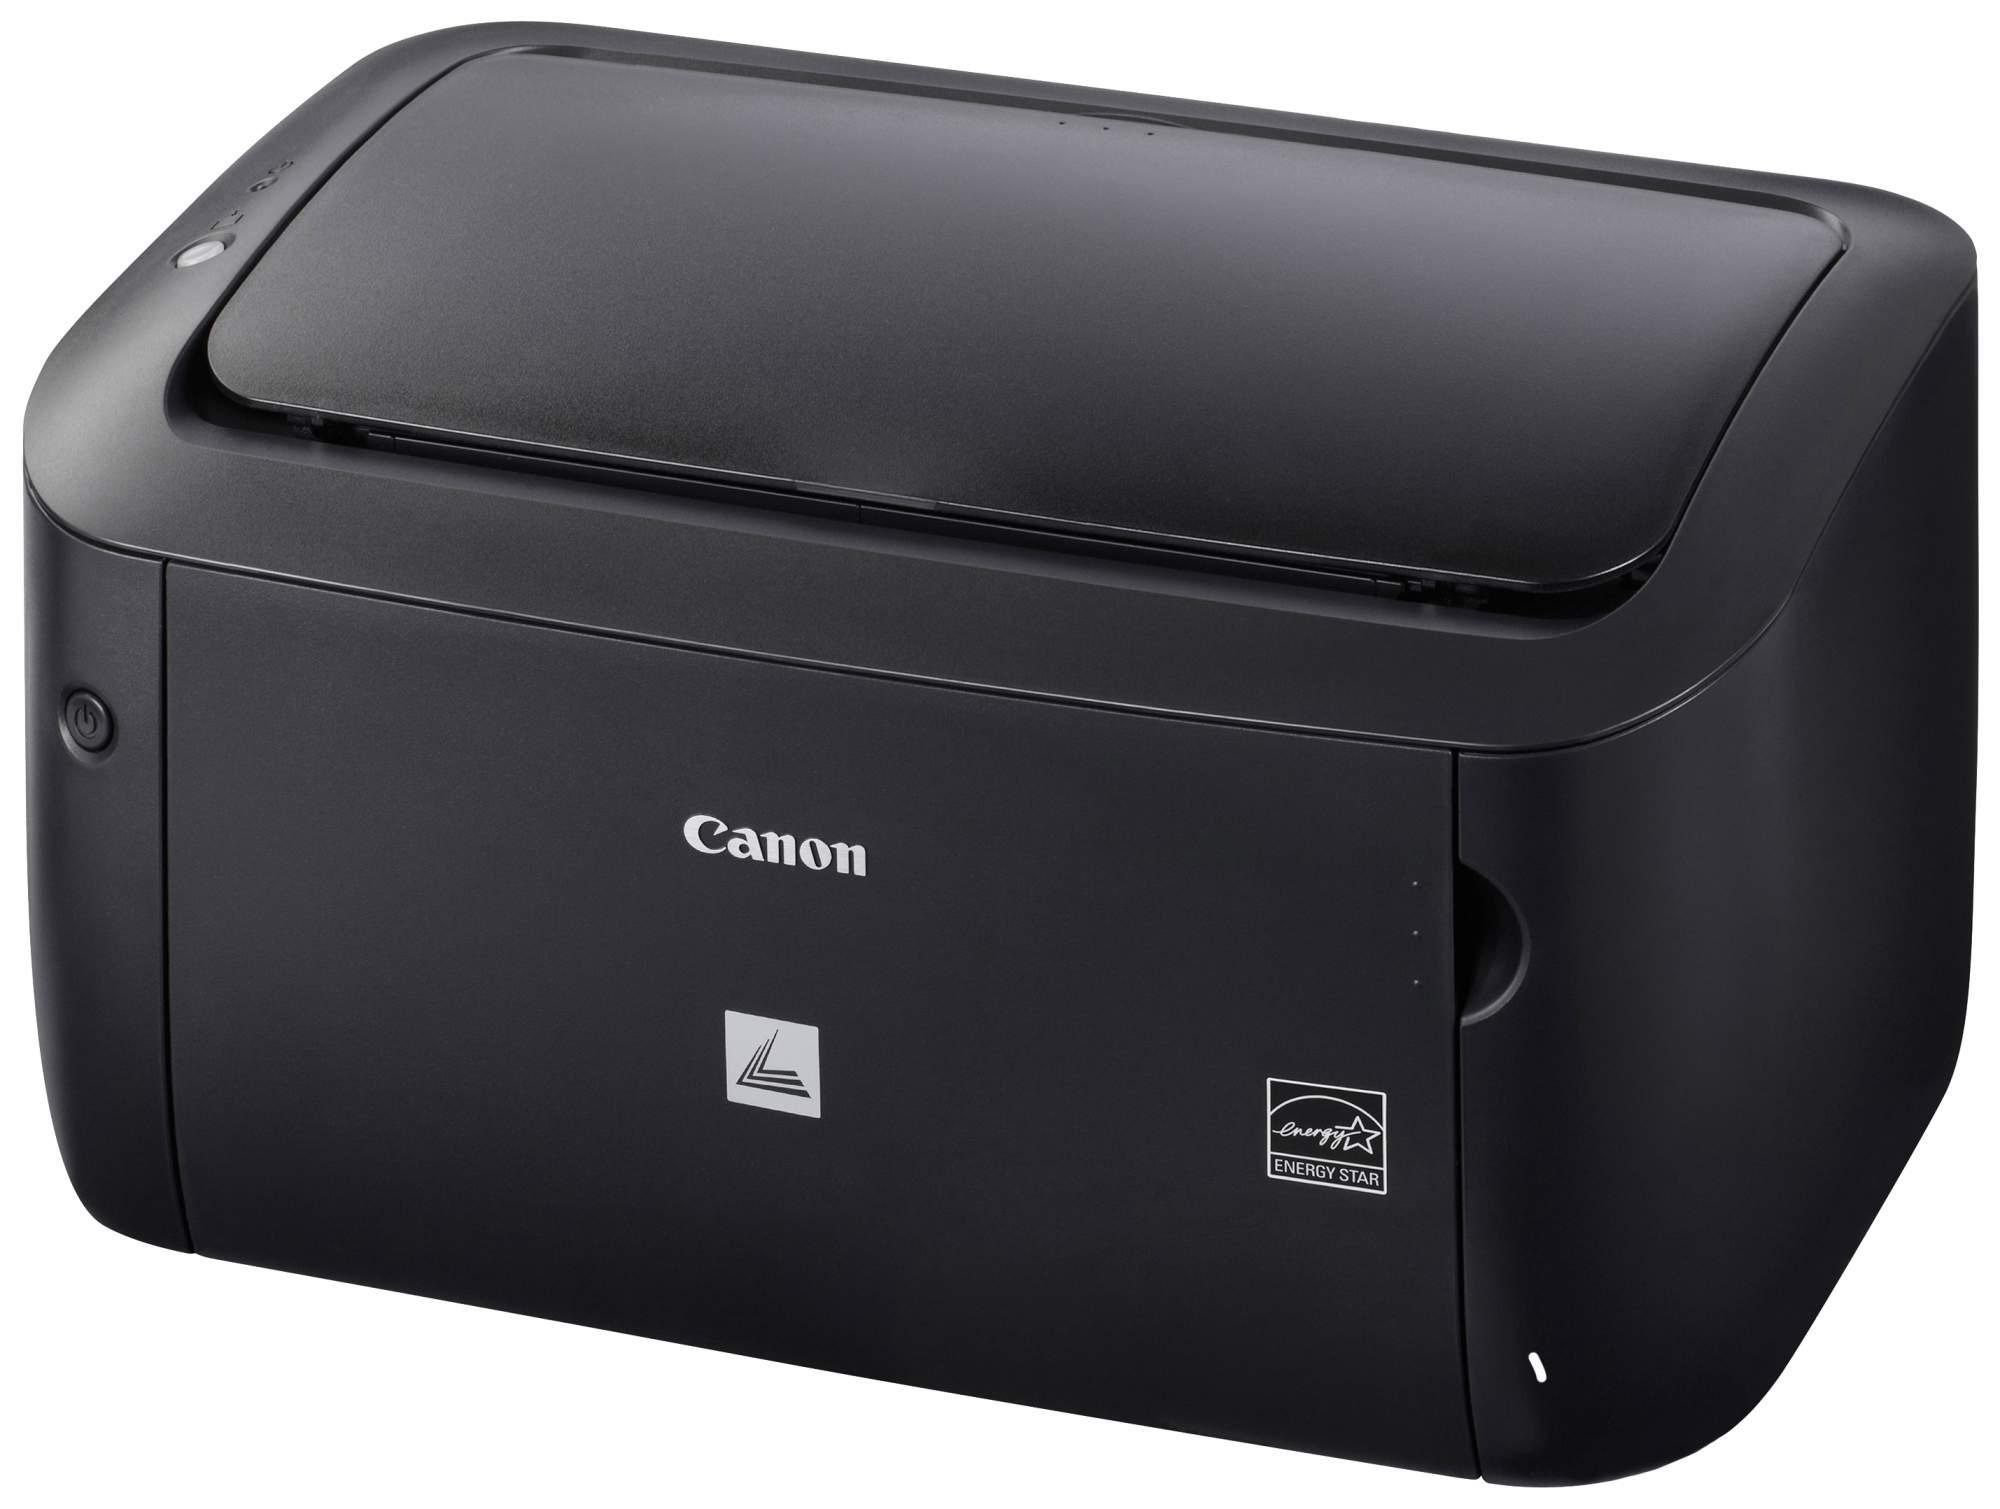 Данный принтер